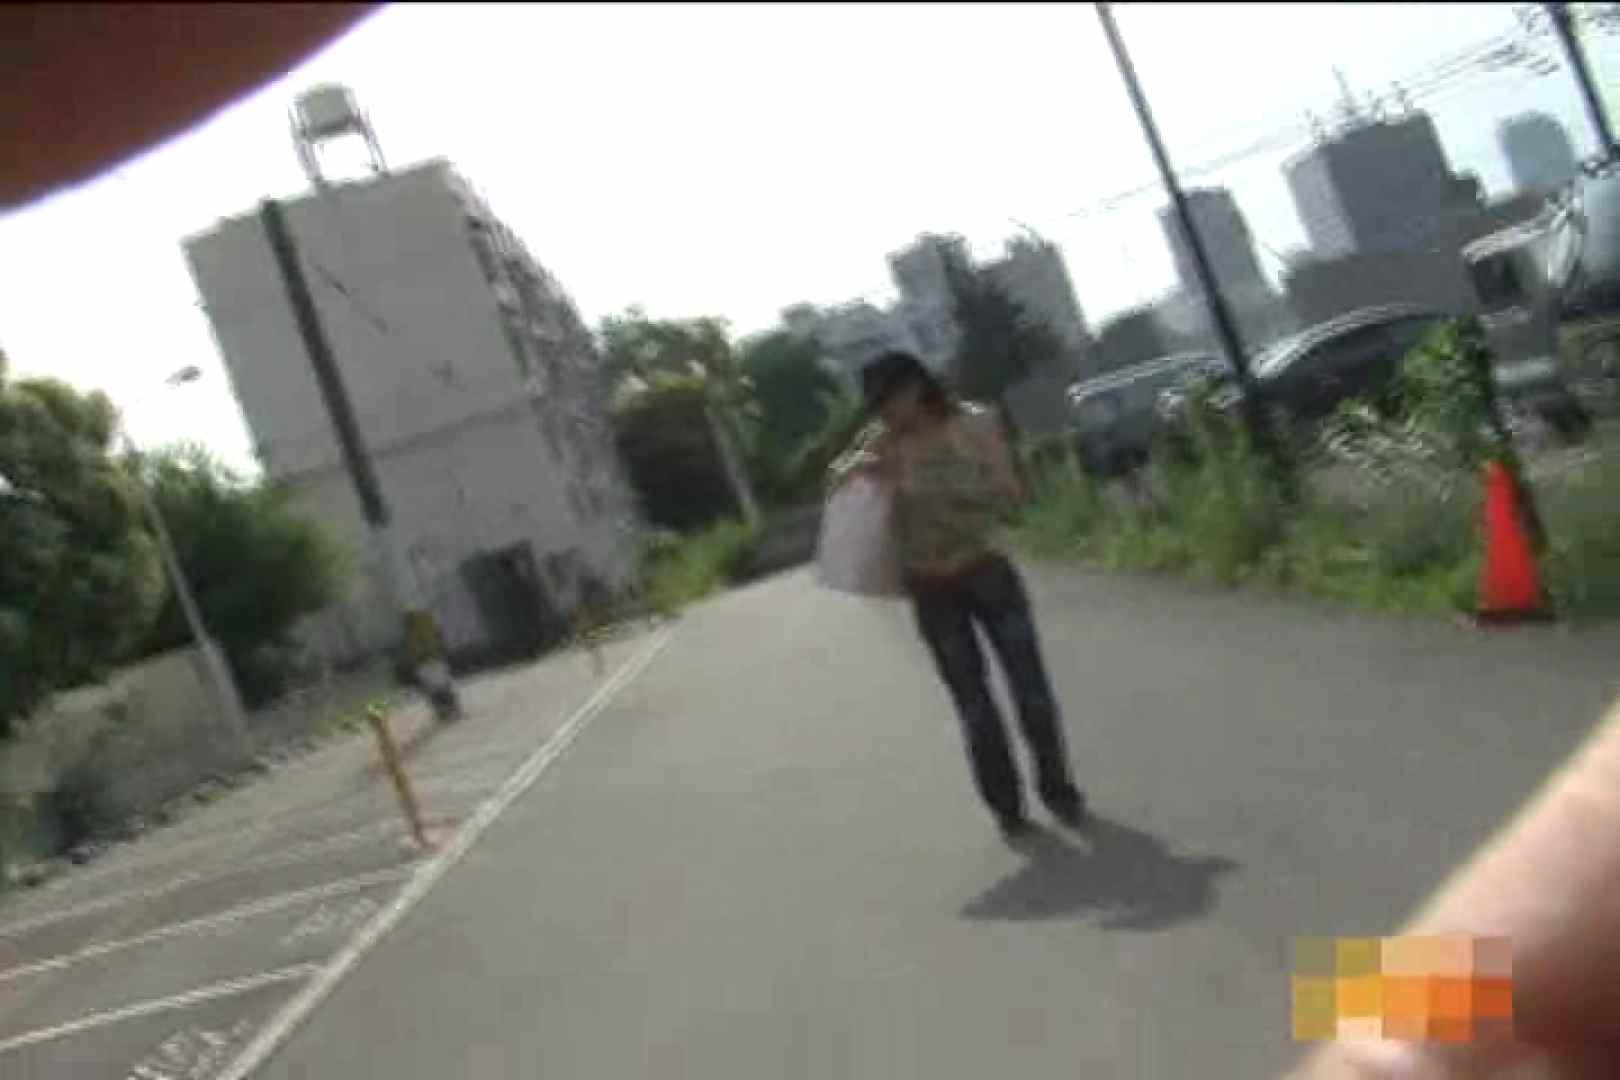 大胆露出胸チラギャル大量発生中!!Vol.2 乳首 オマンコ無修正動画無料 33連発 5